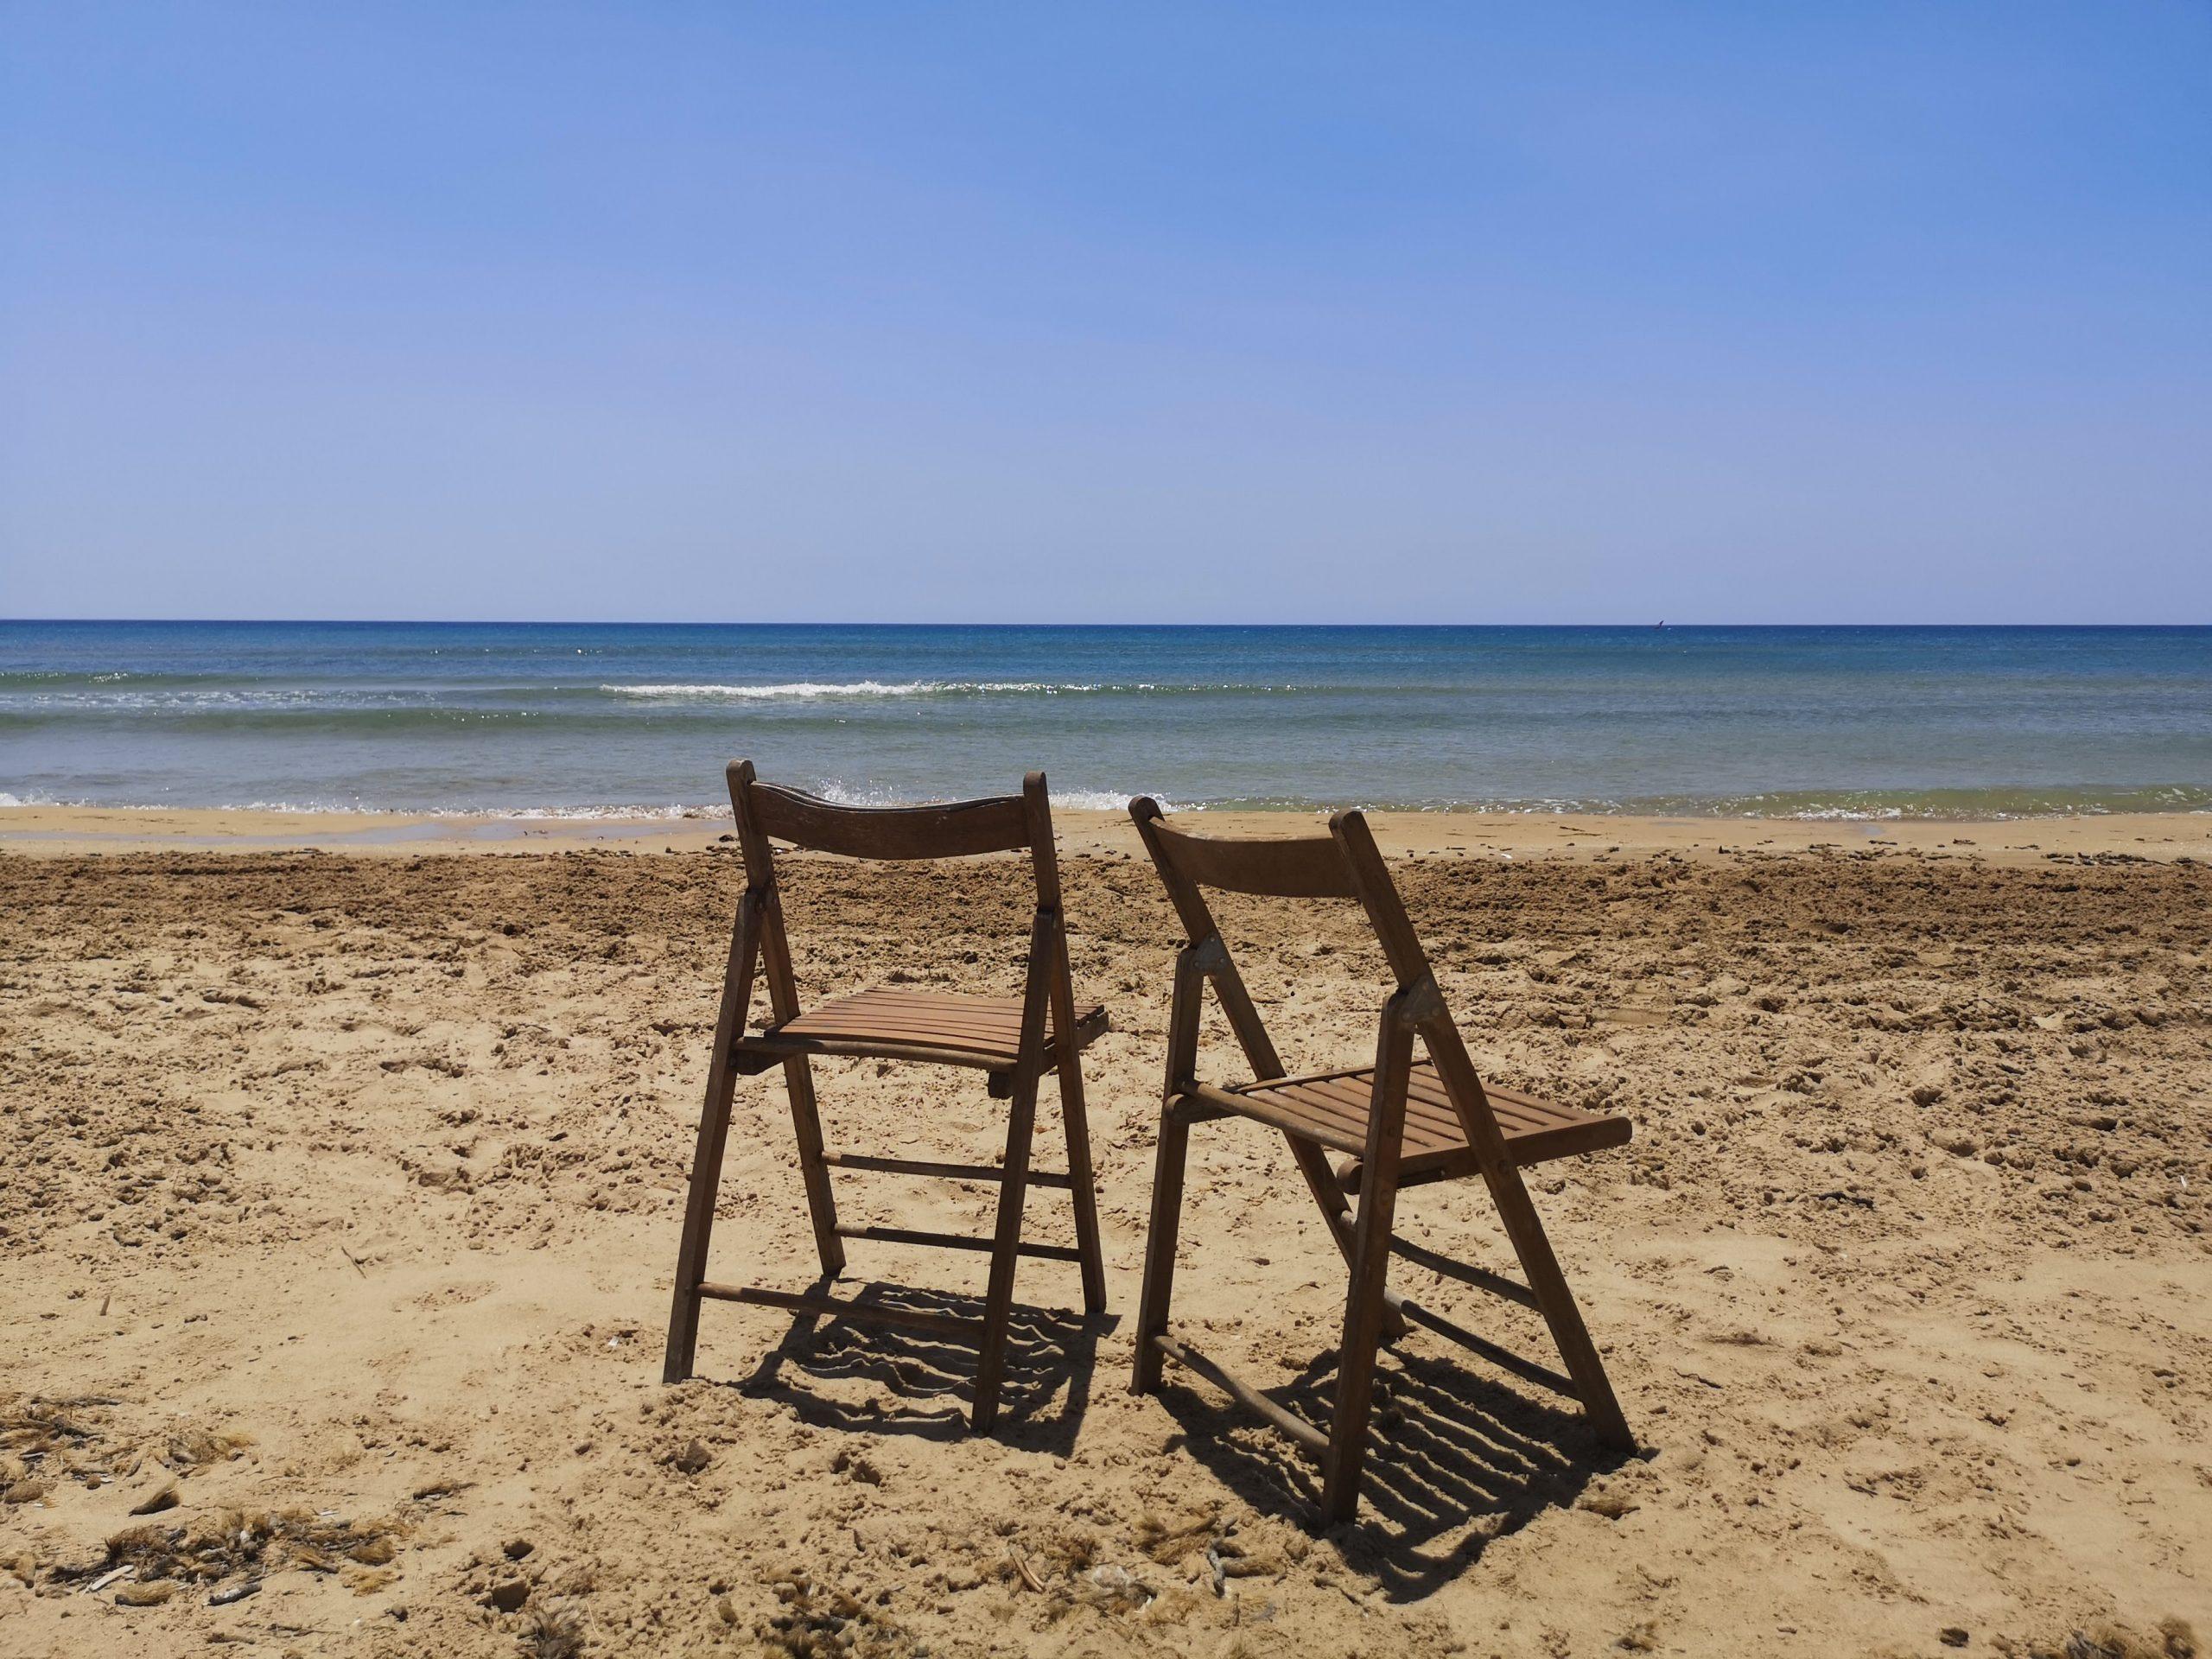 spiaggia con due sedie di legno pieghevoli che guardano il mare